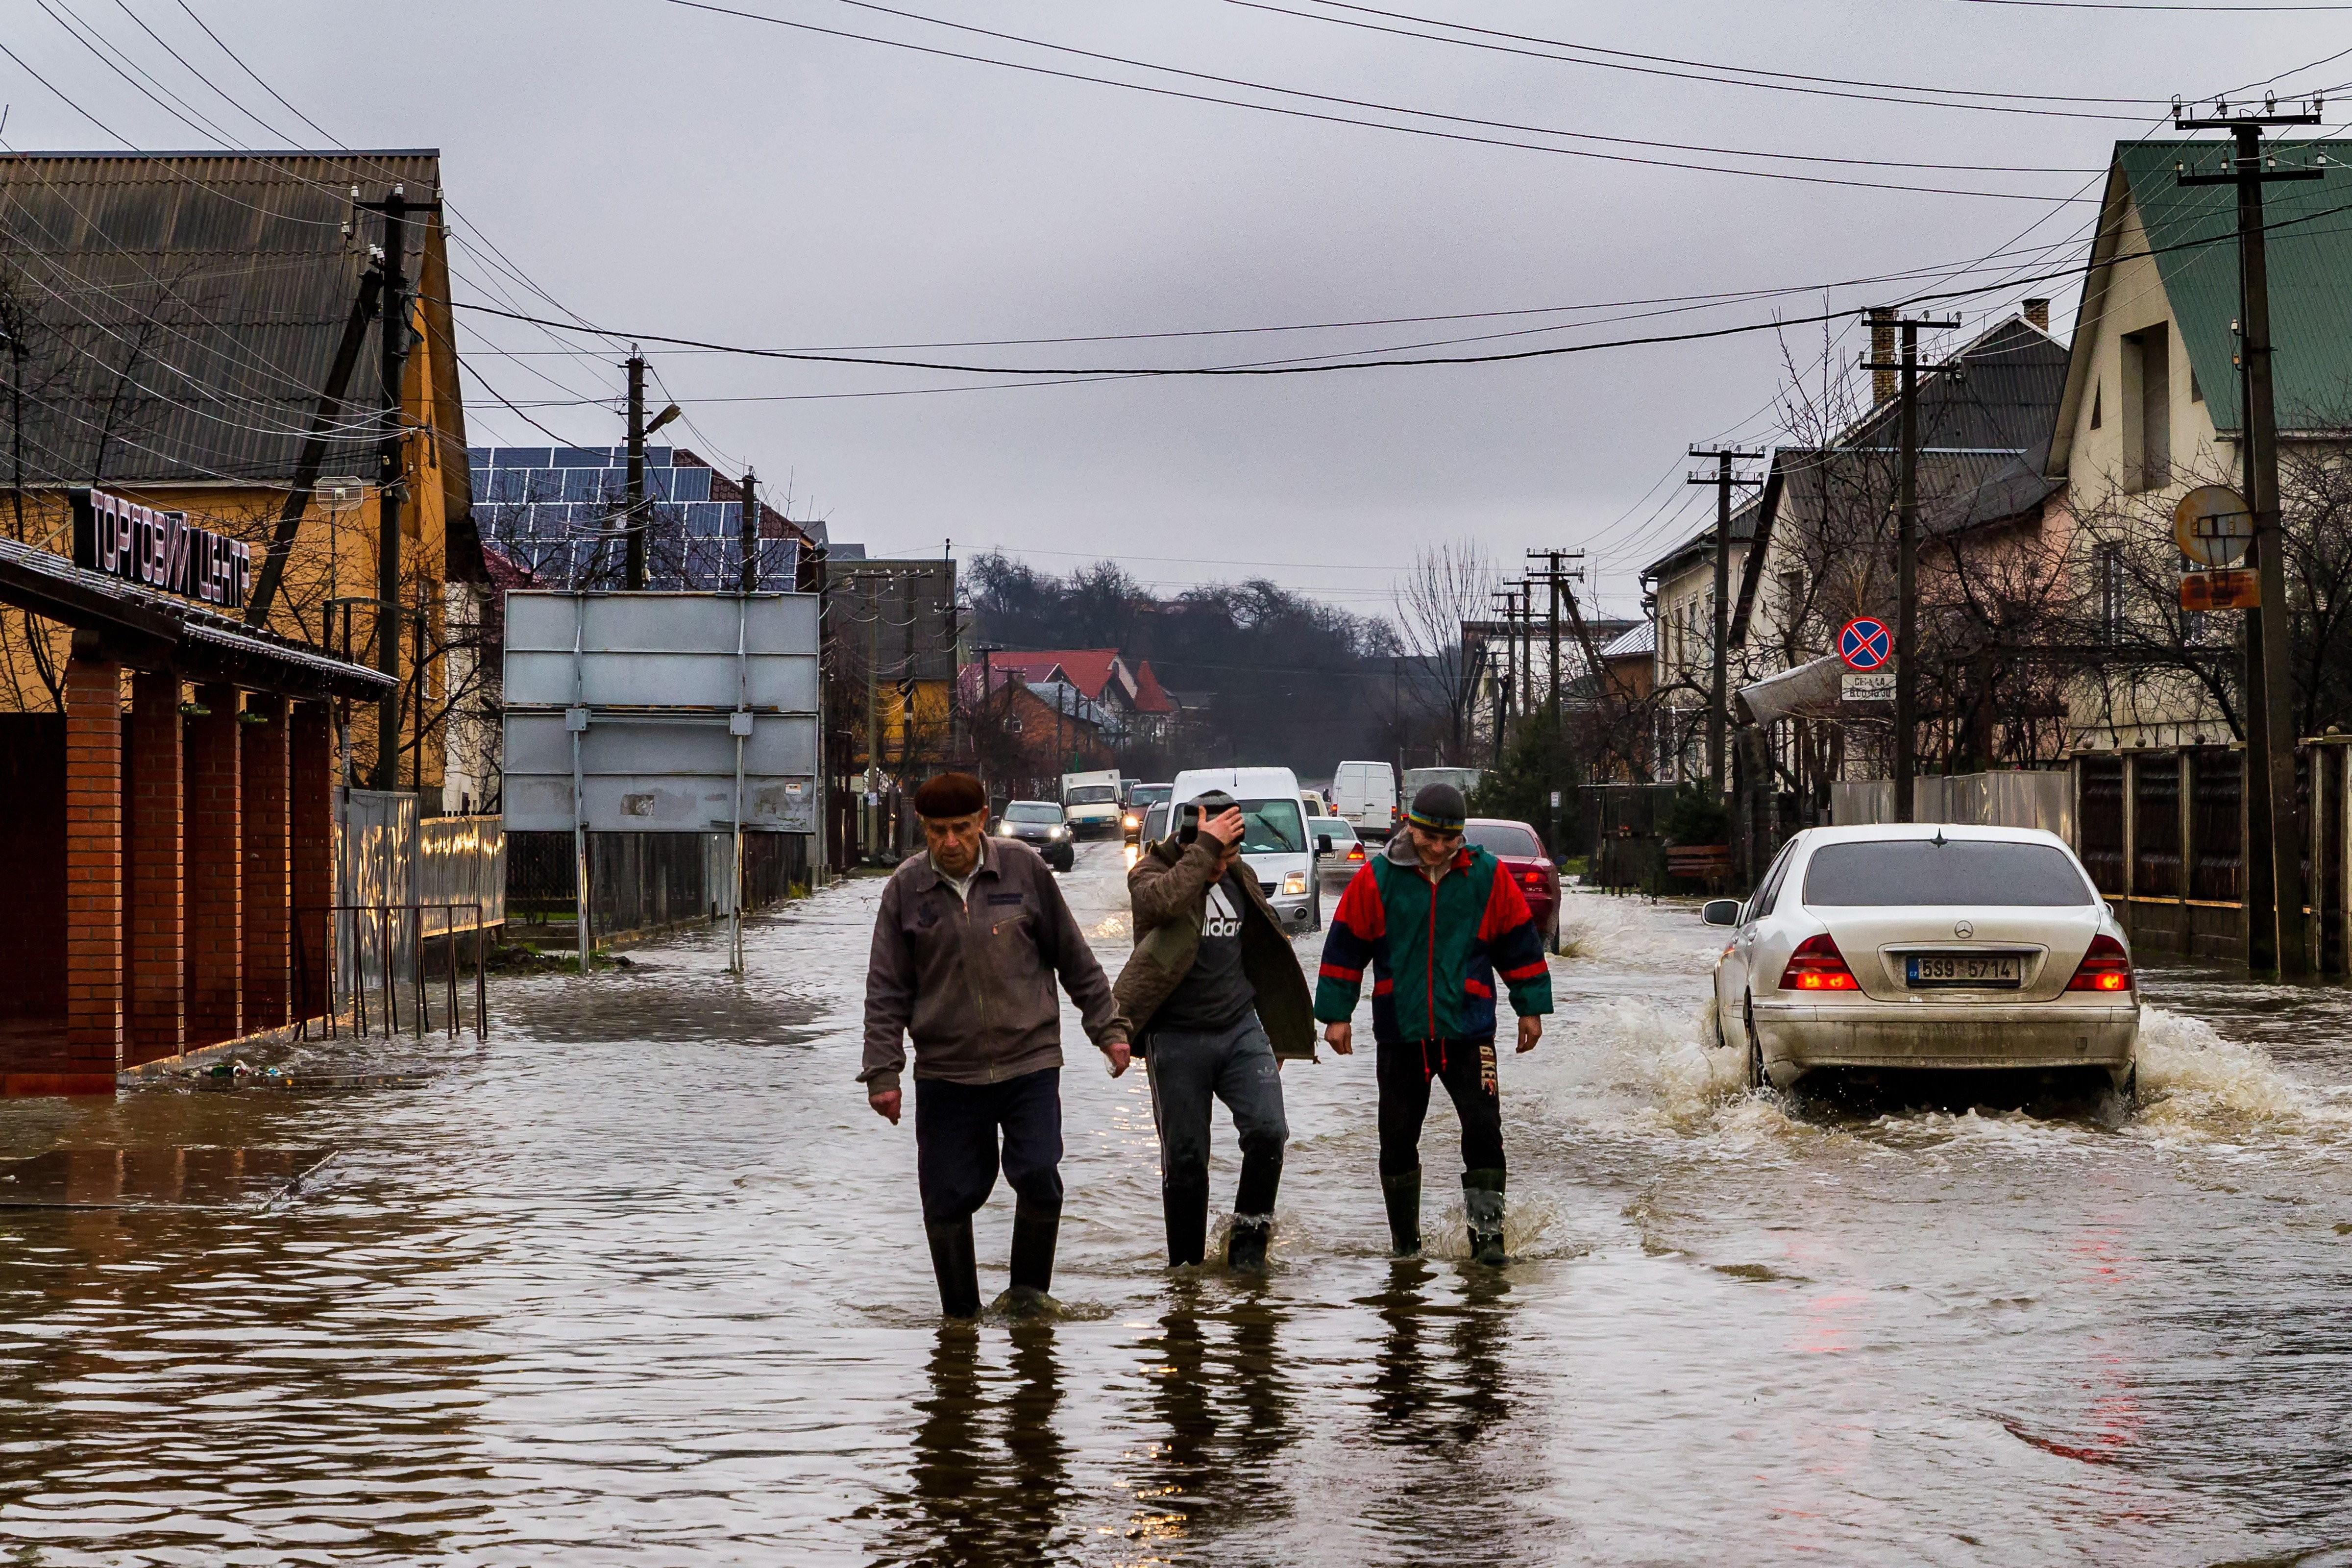 Árvíz - Közel ezer ingatlan került víz alá északkelet-magyarországi szomszédunknál